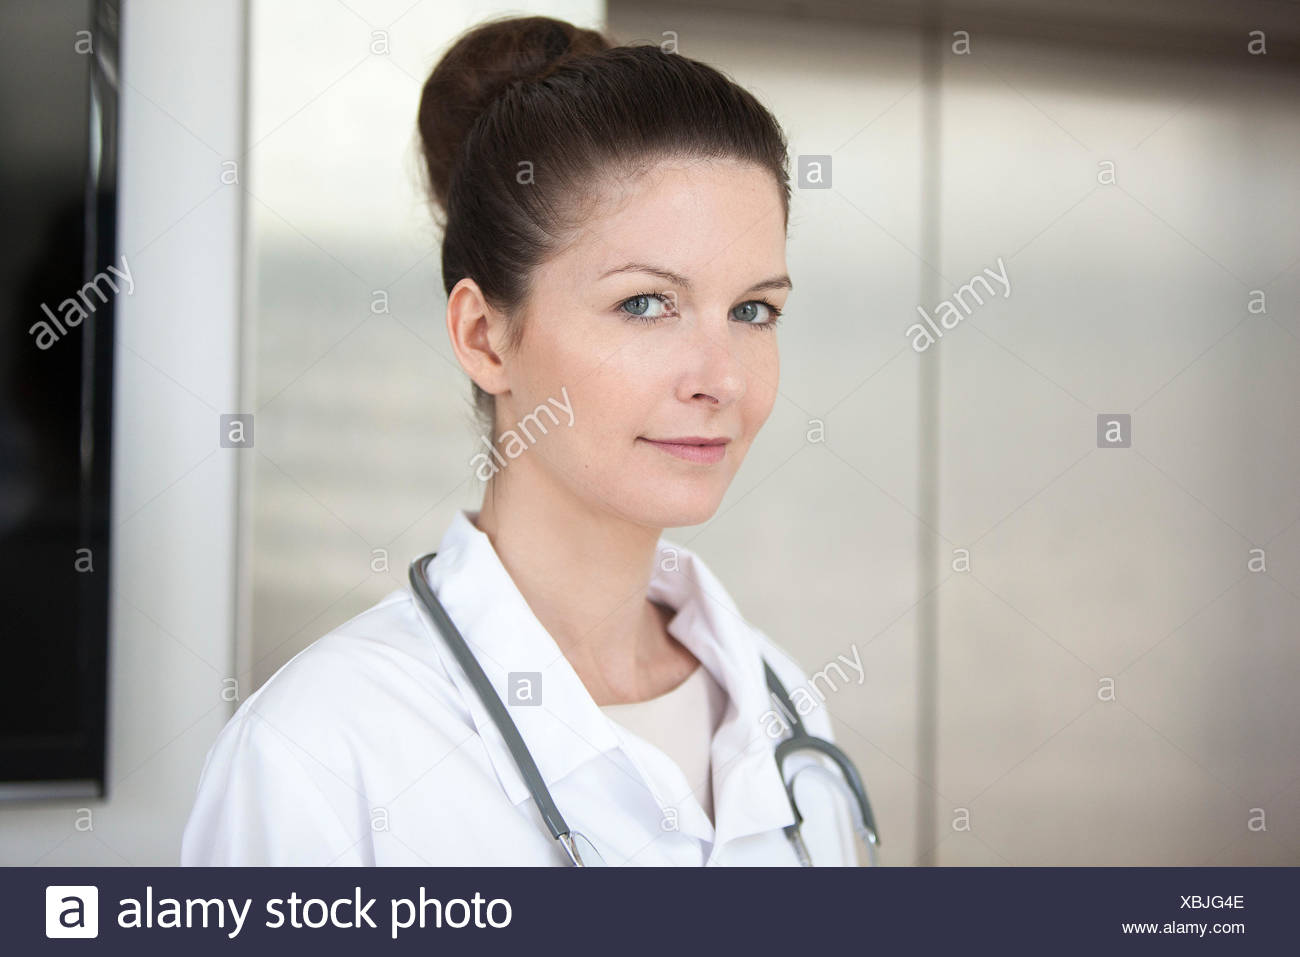 Doctor, Retrato Imagen De Stock